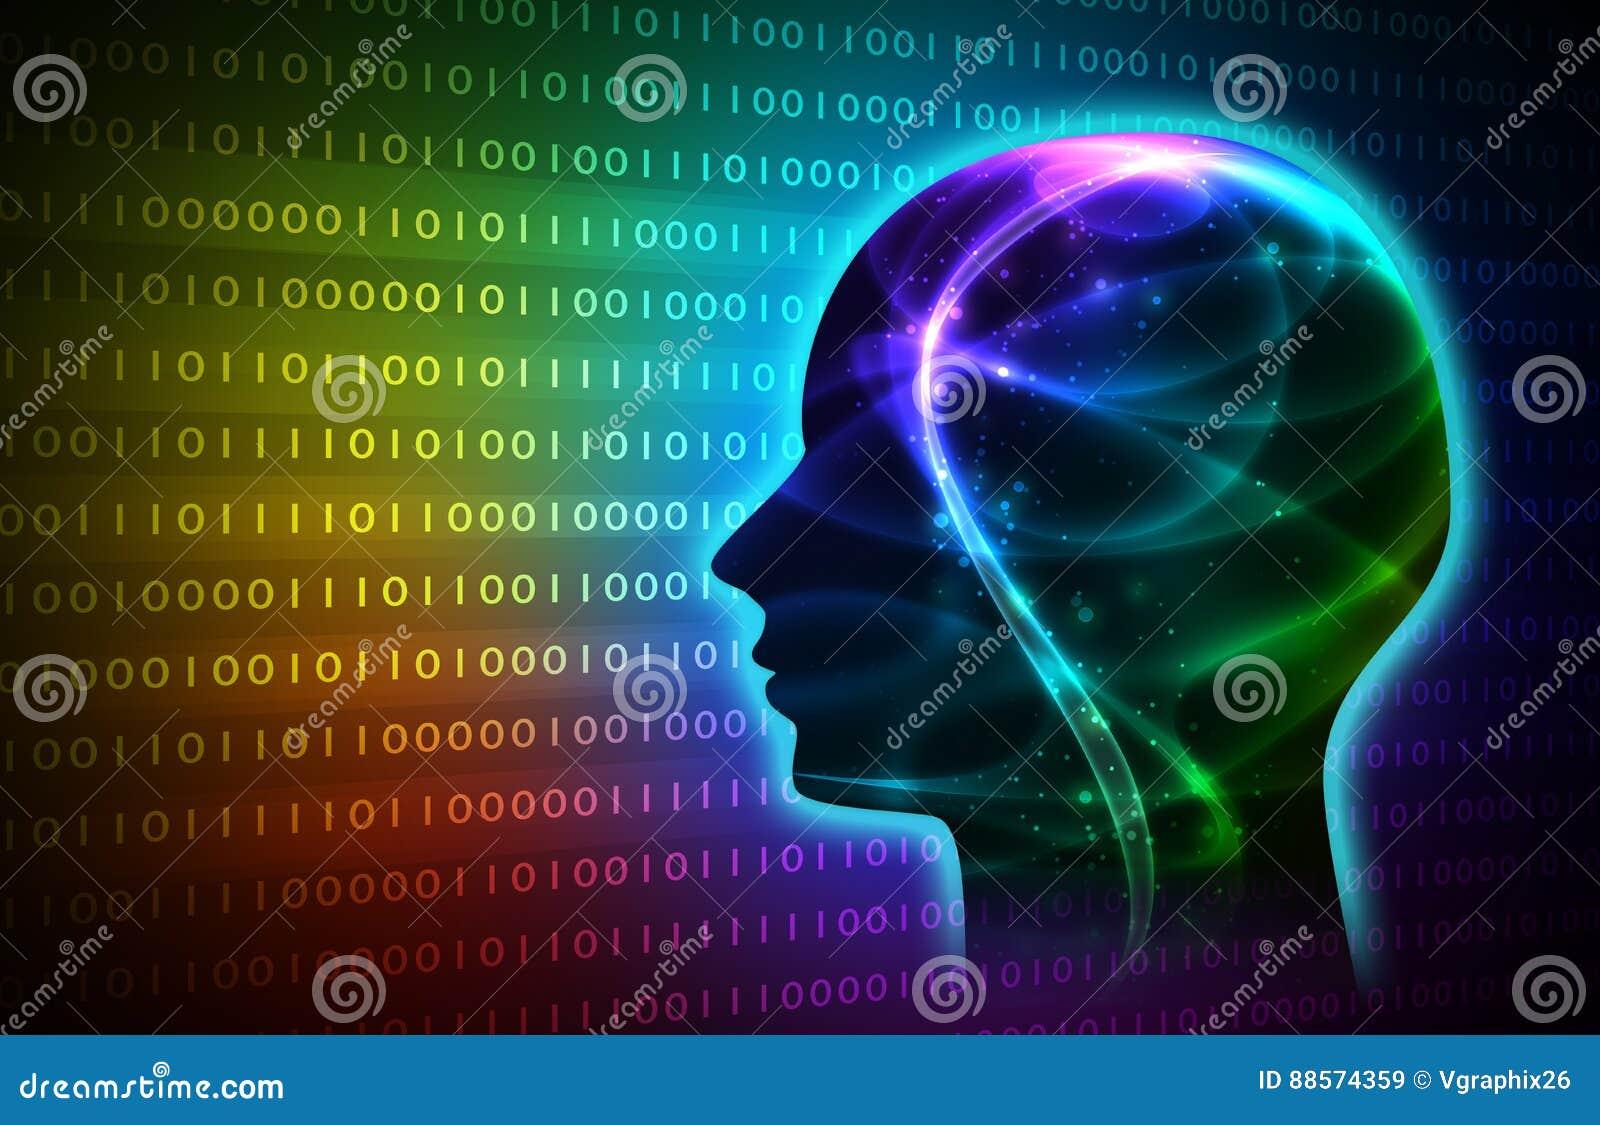 Artificial inteligente azul imagem de fundo da ilustração